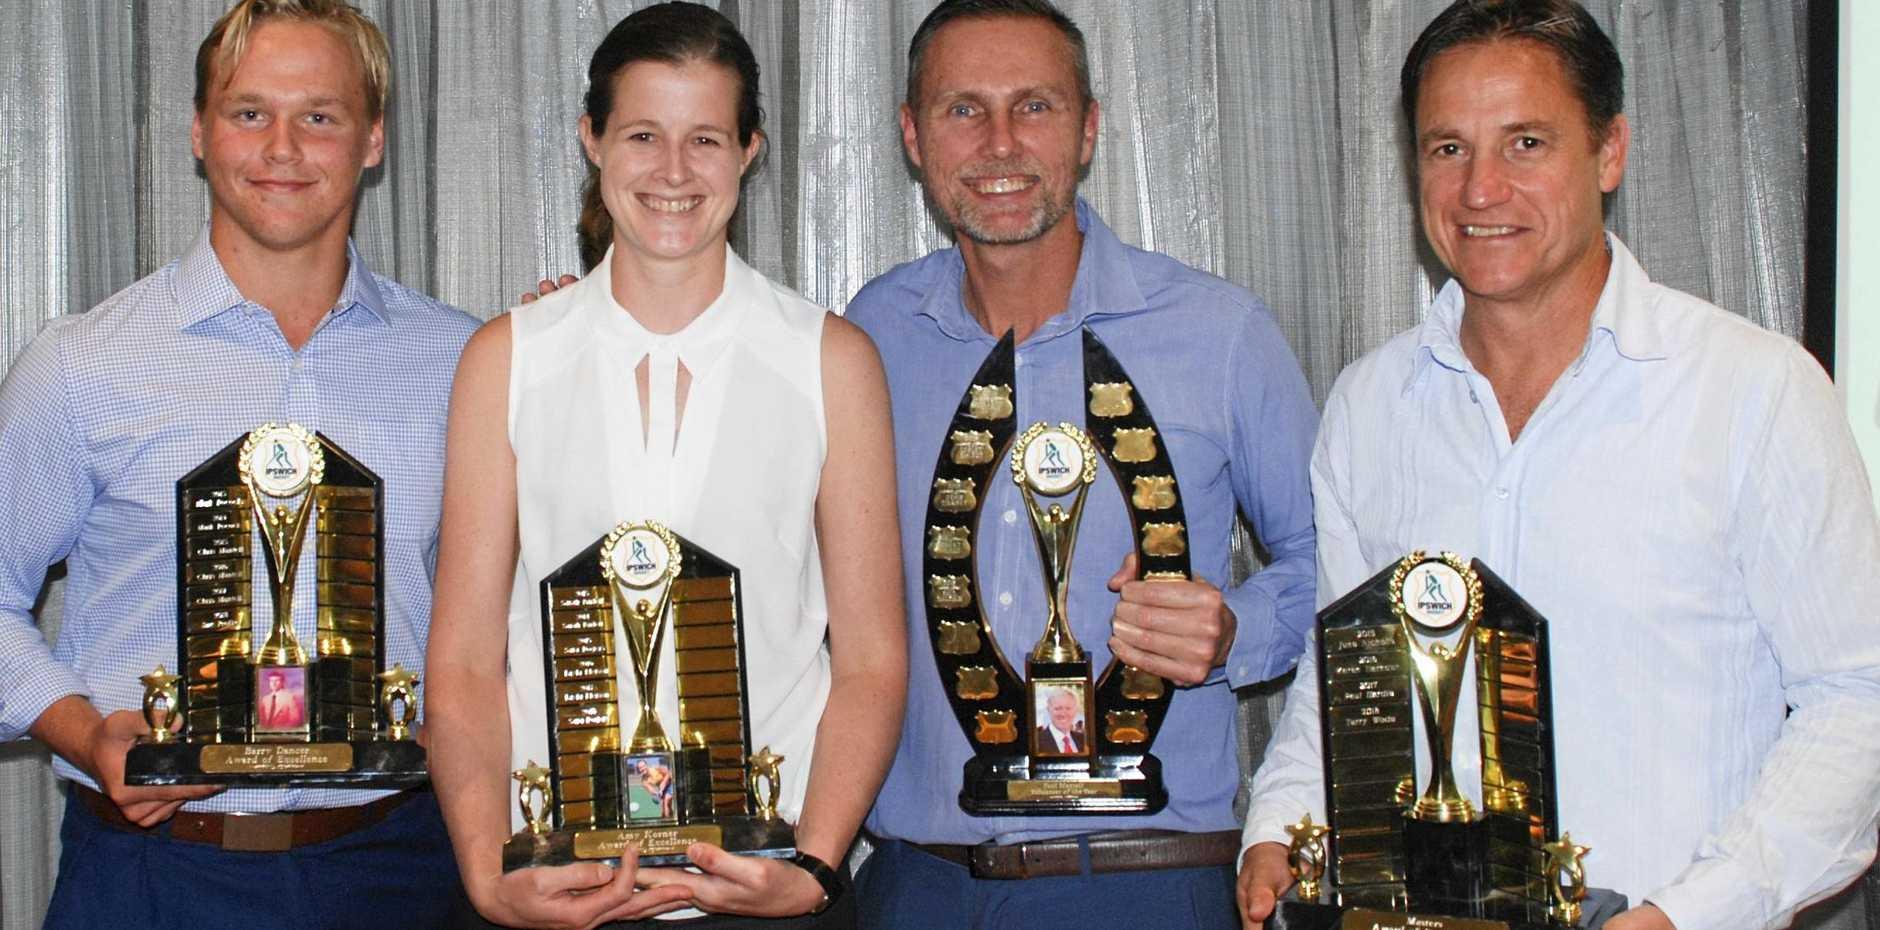 Ipswich Hockey's 2018 Masters award winner Terry Wode (right).